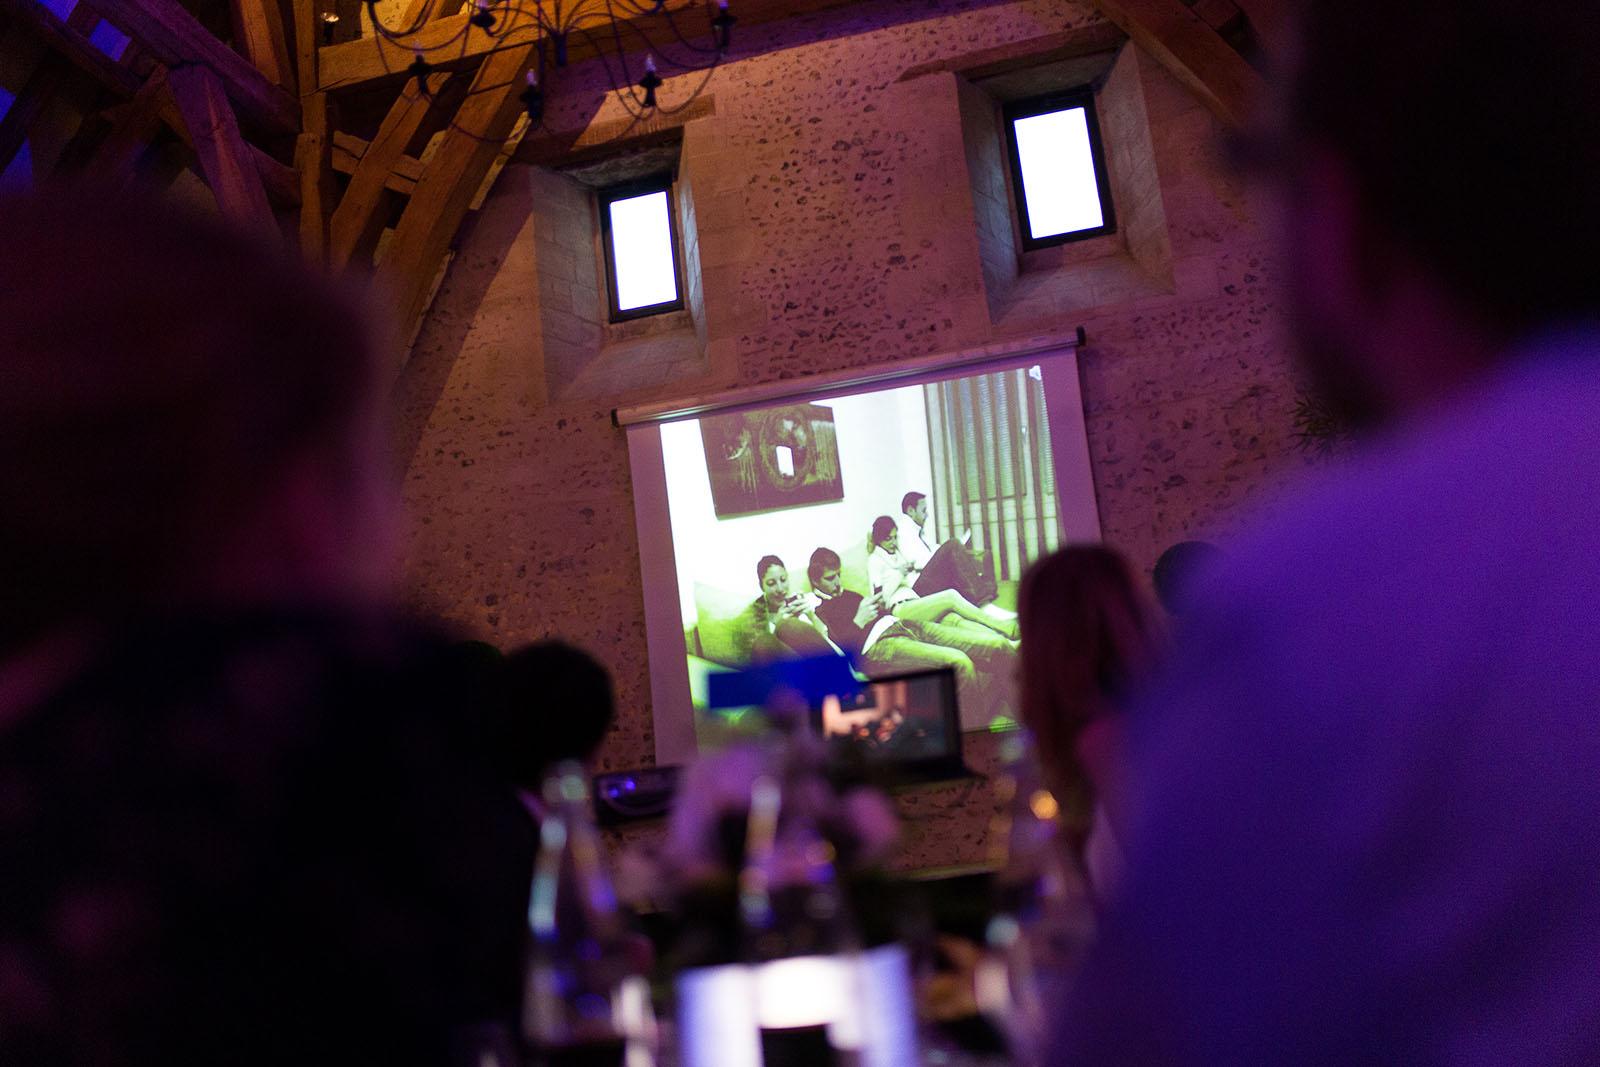 Mariage au Manoir de Corny en Normandie. Les vidéos surprises